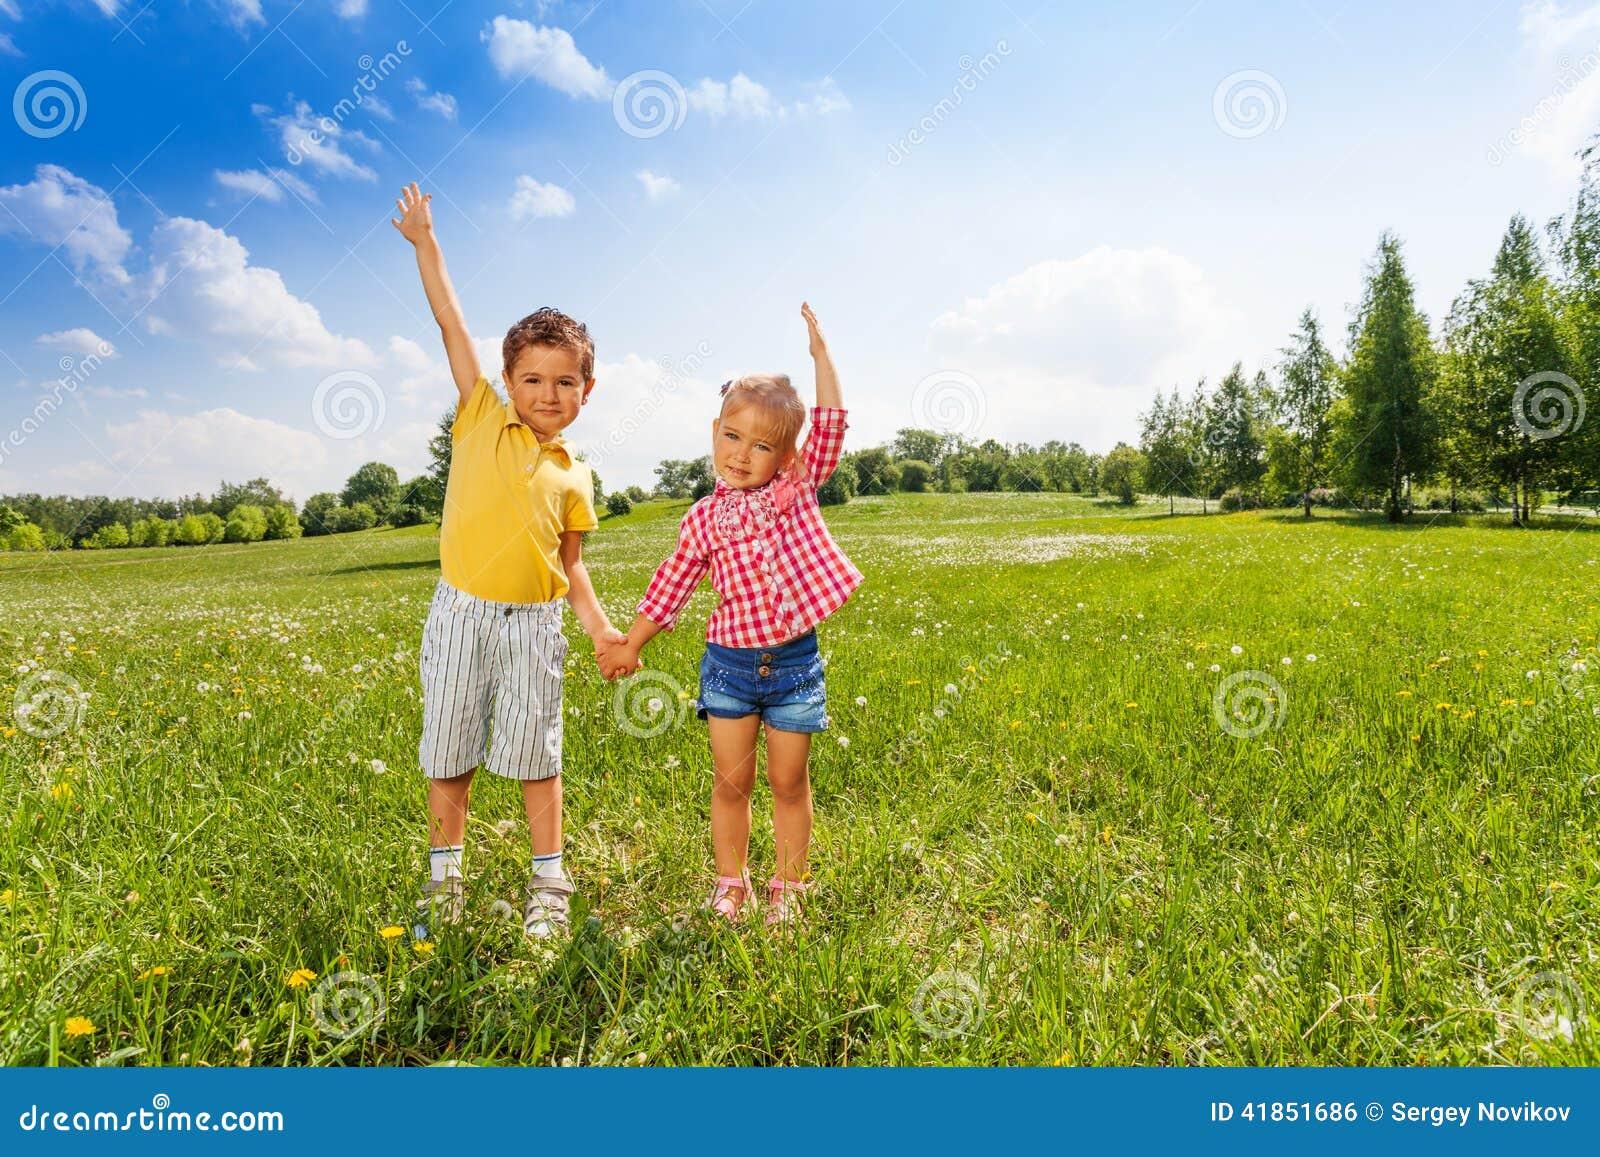 Junge Und Mädchen Halten Hände Mit Der Zweiten Hand Oben Stockfoto ...